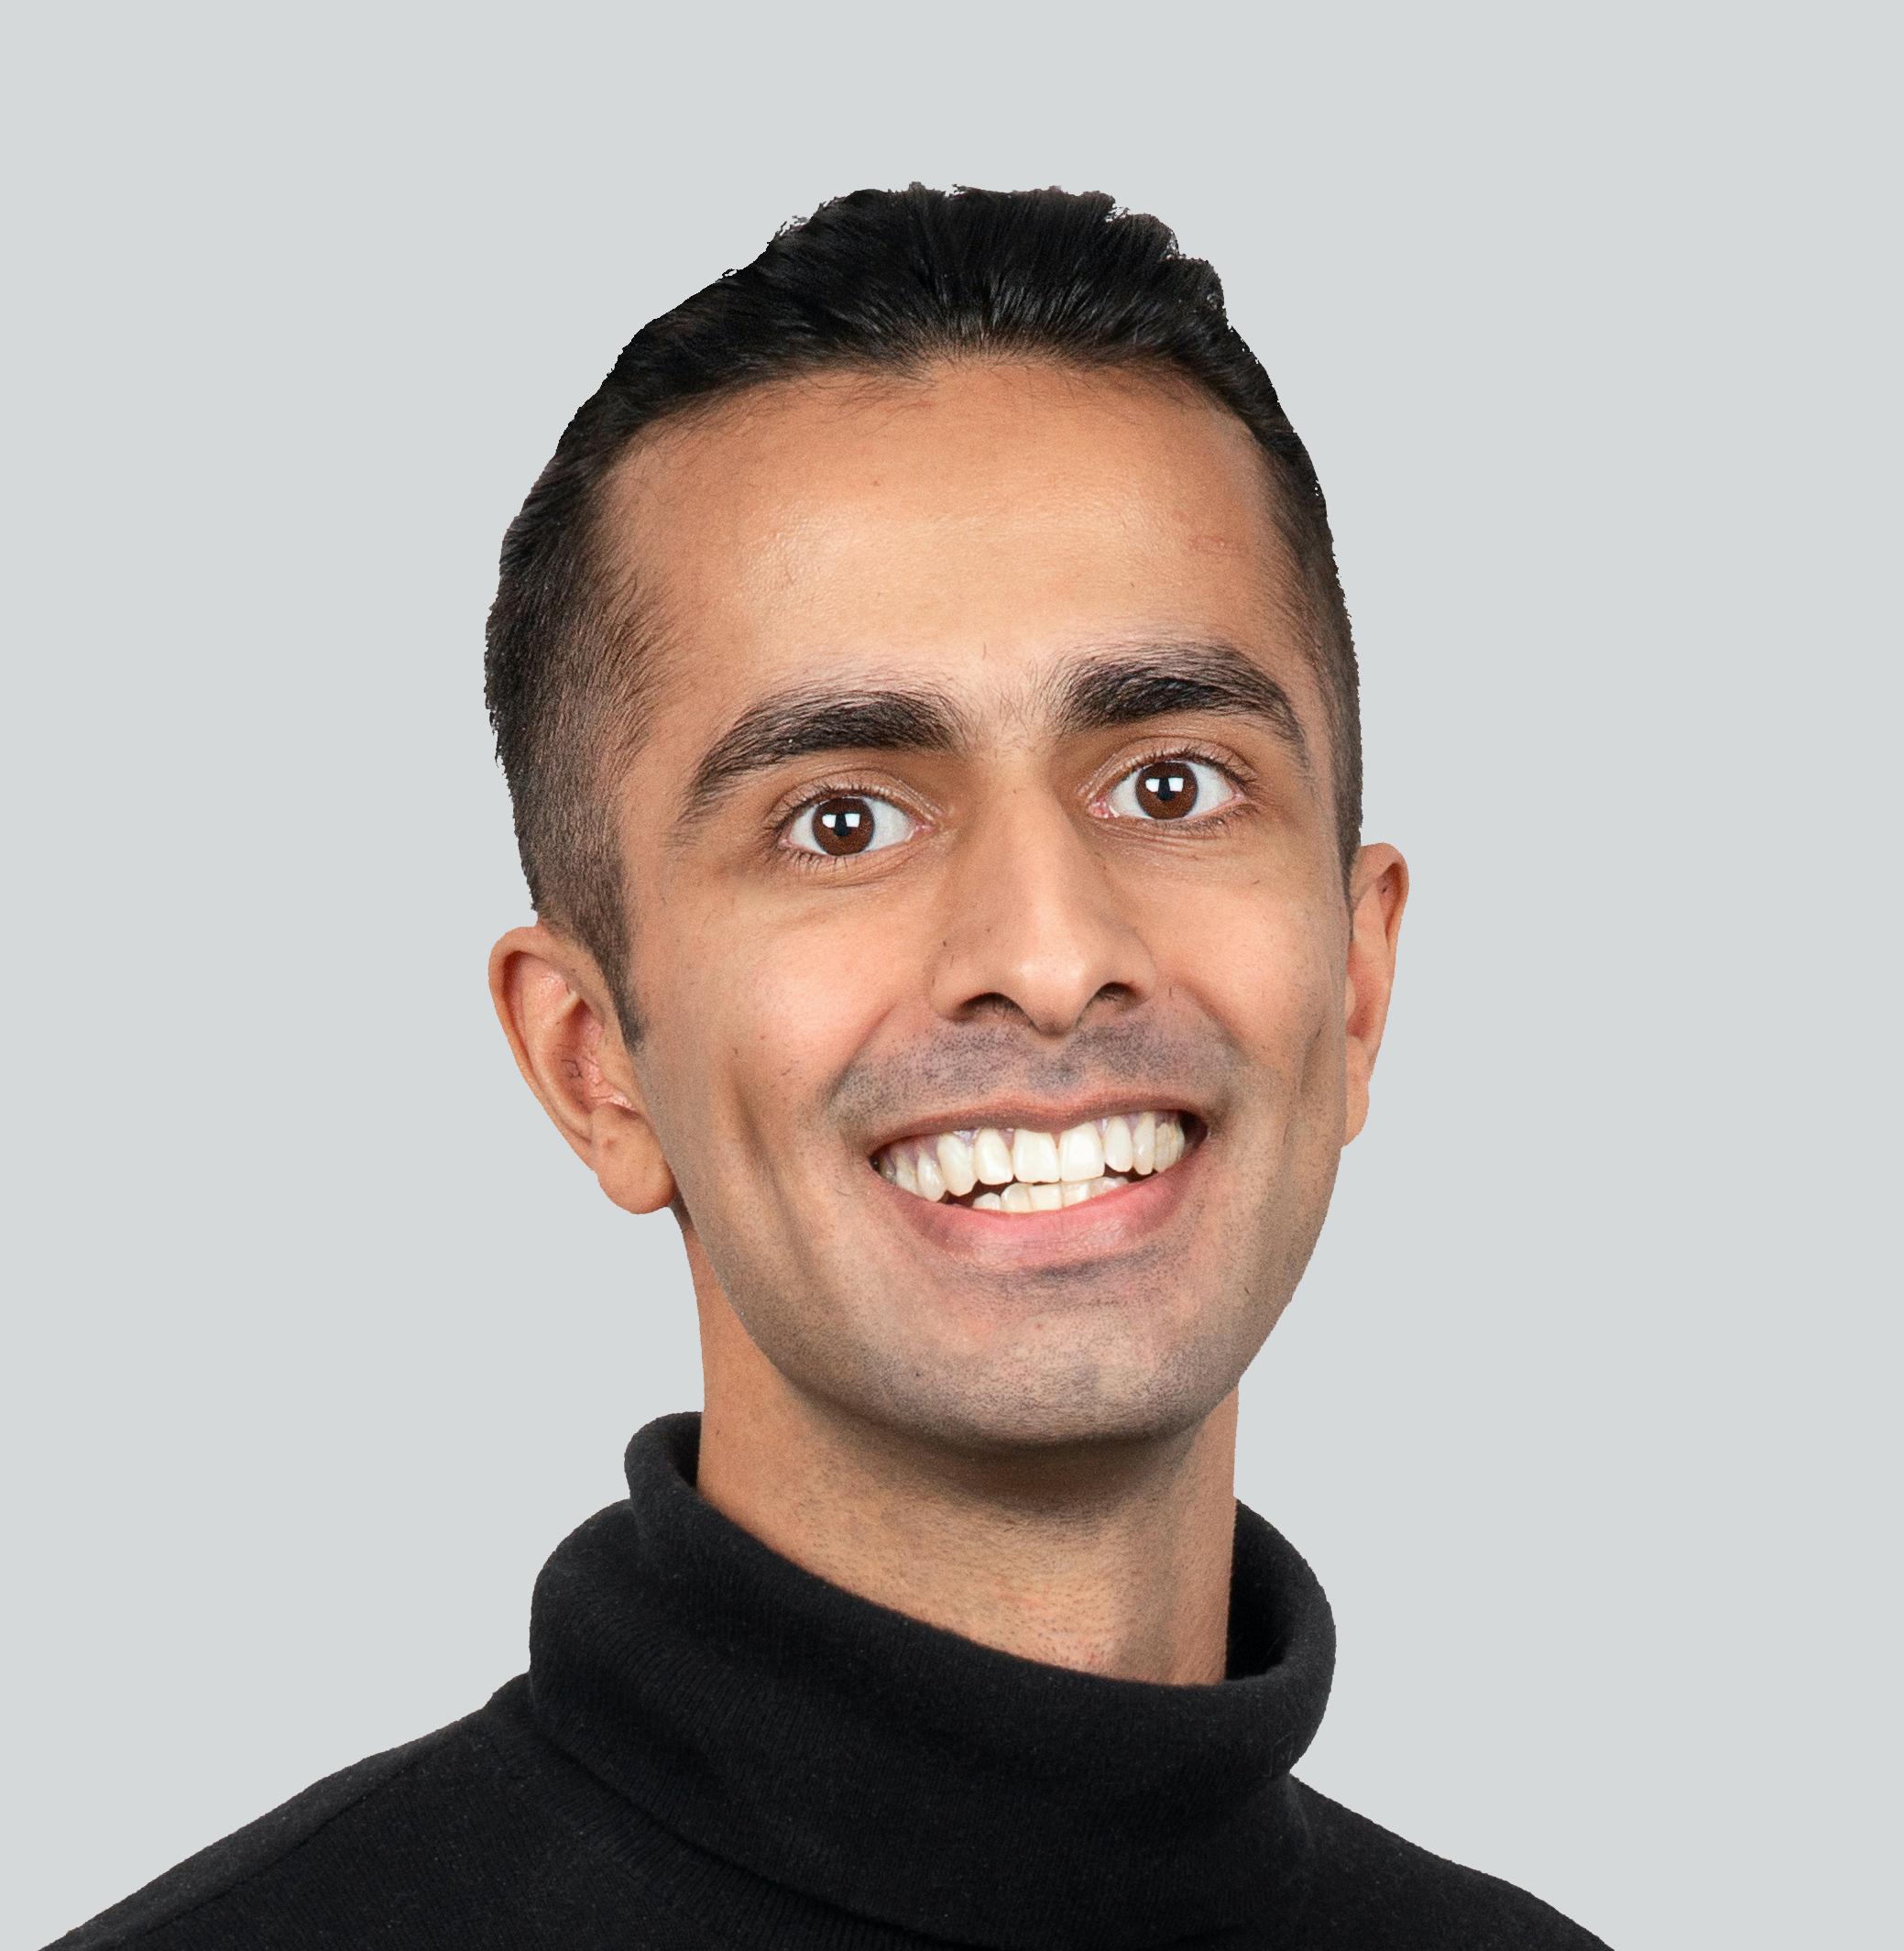 Hafiz Dhanani